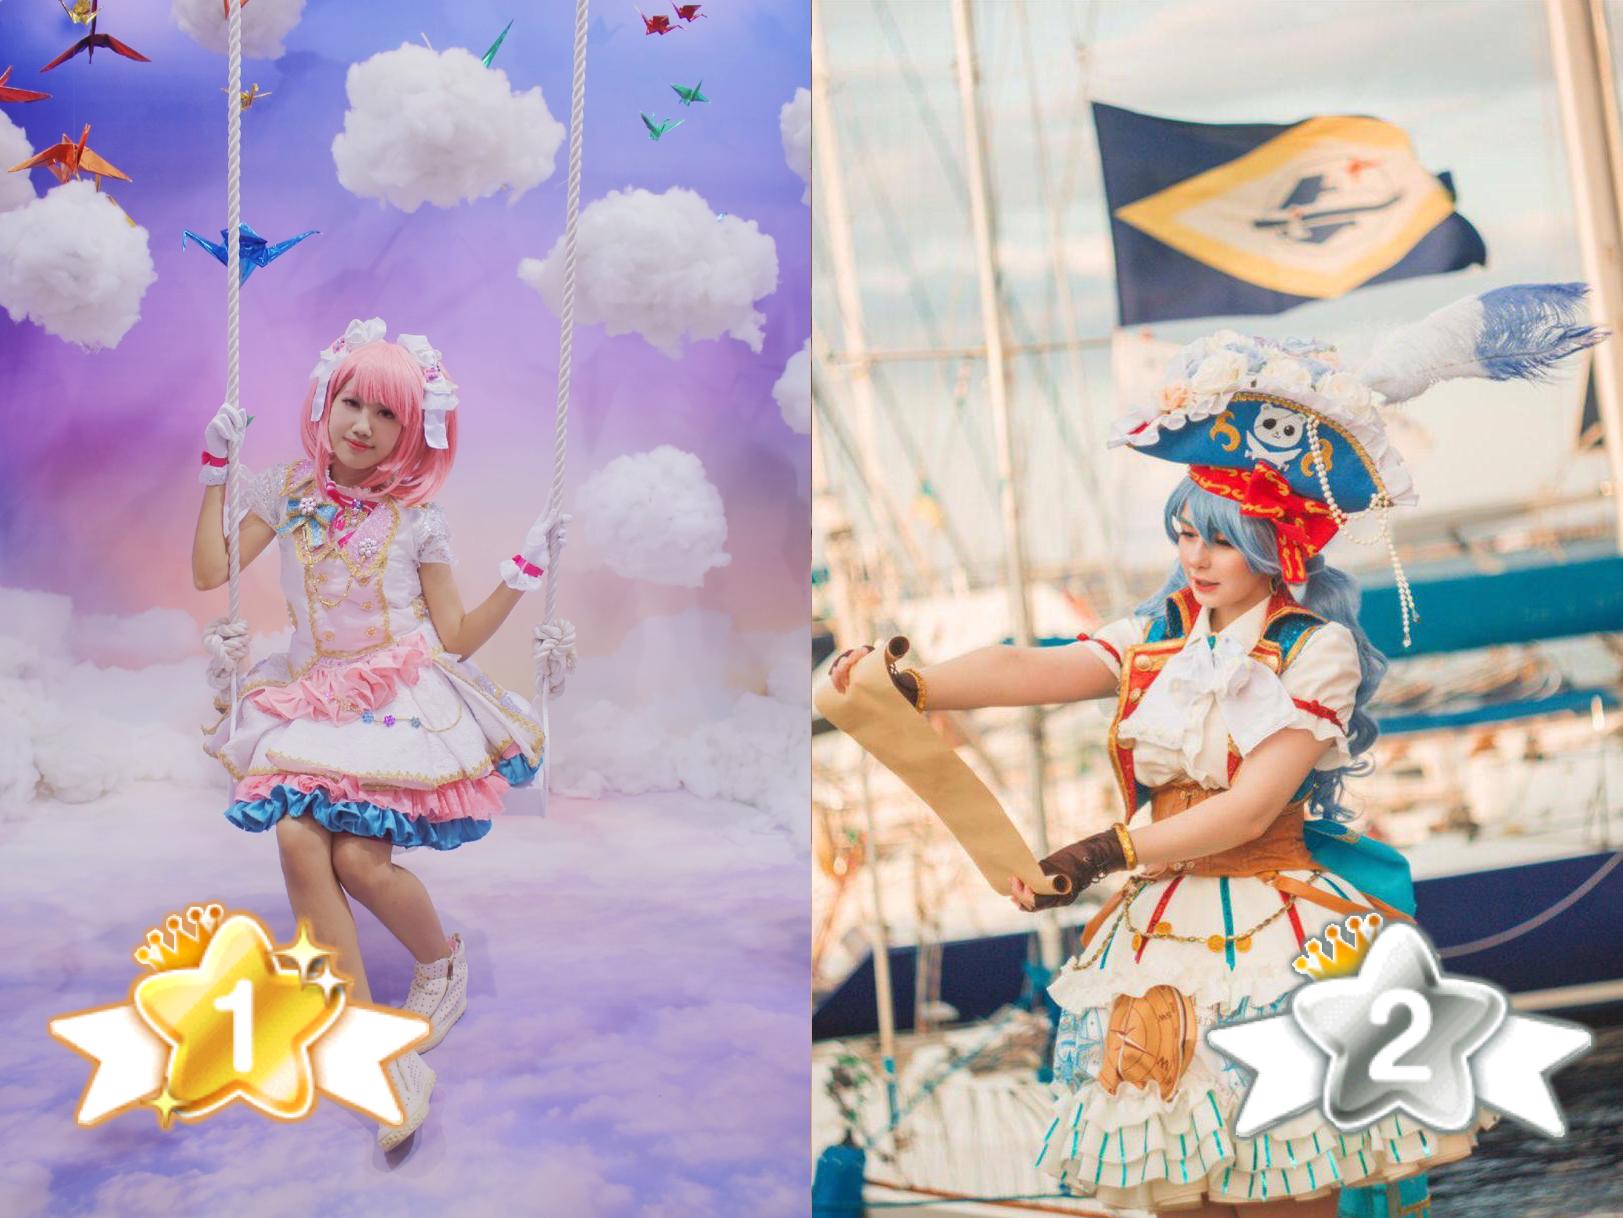 Suzu's choice 1st and 2nd winners